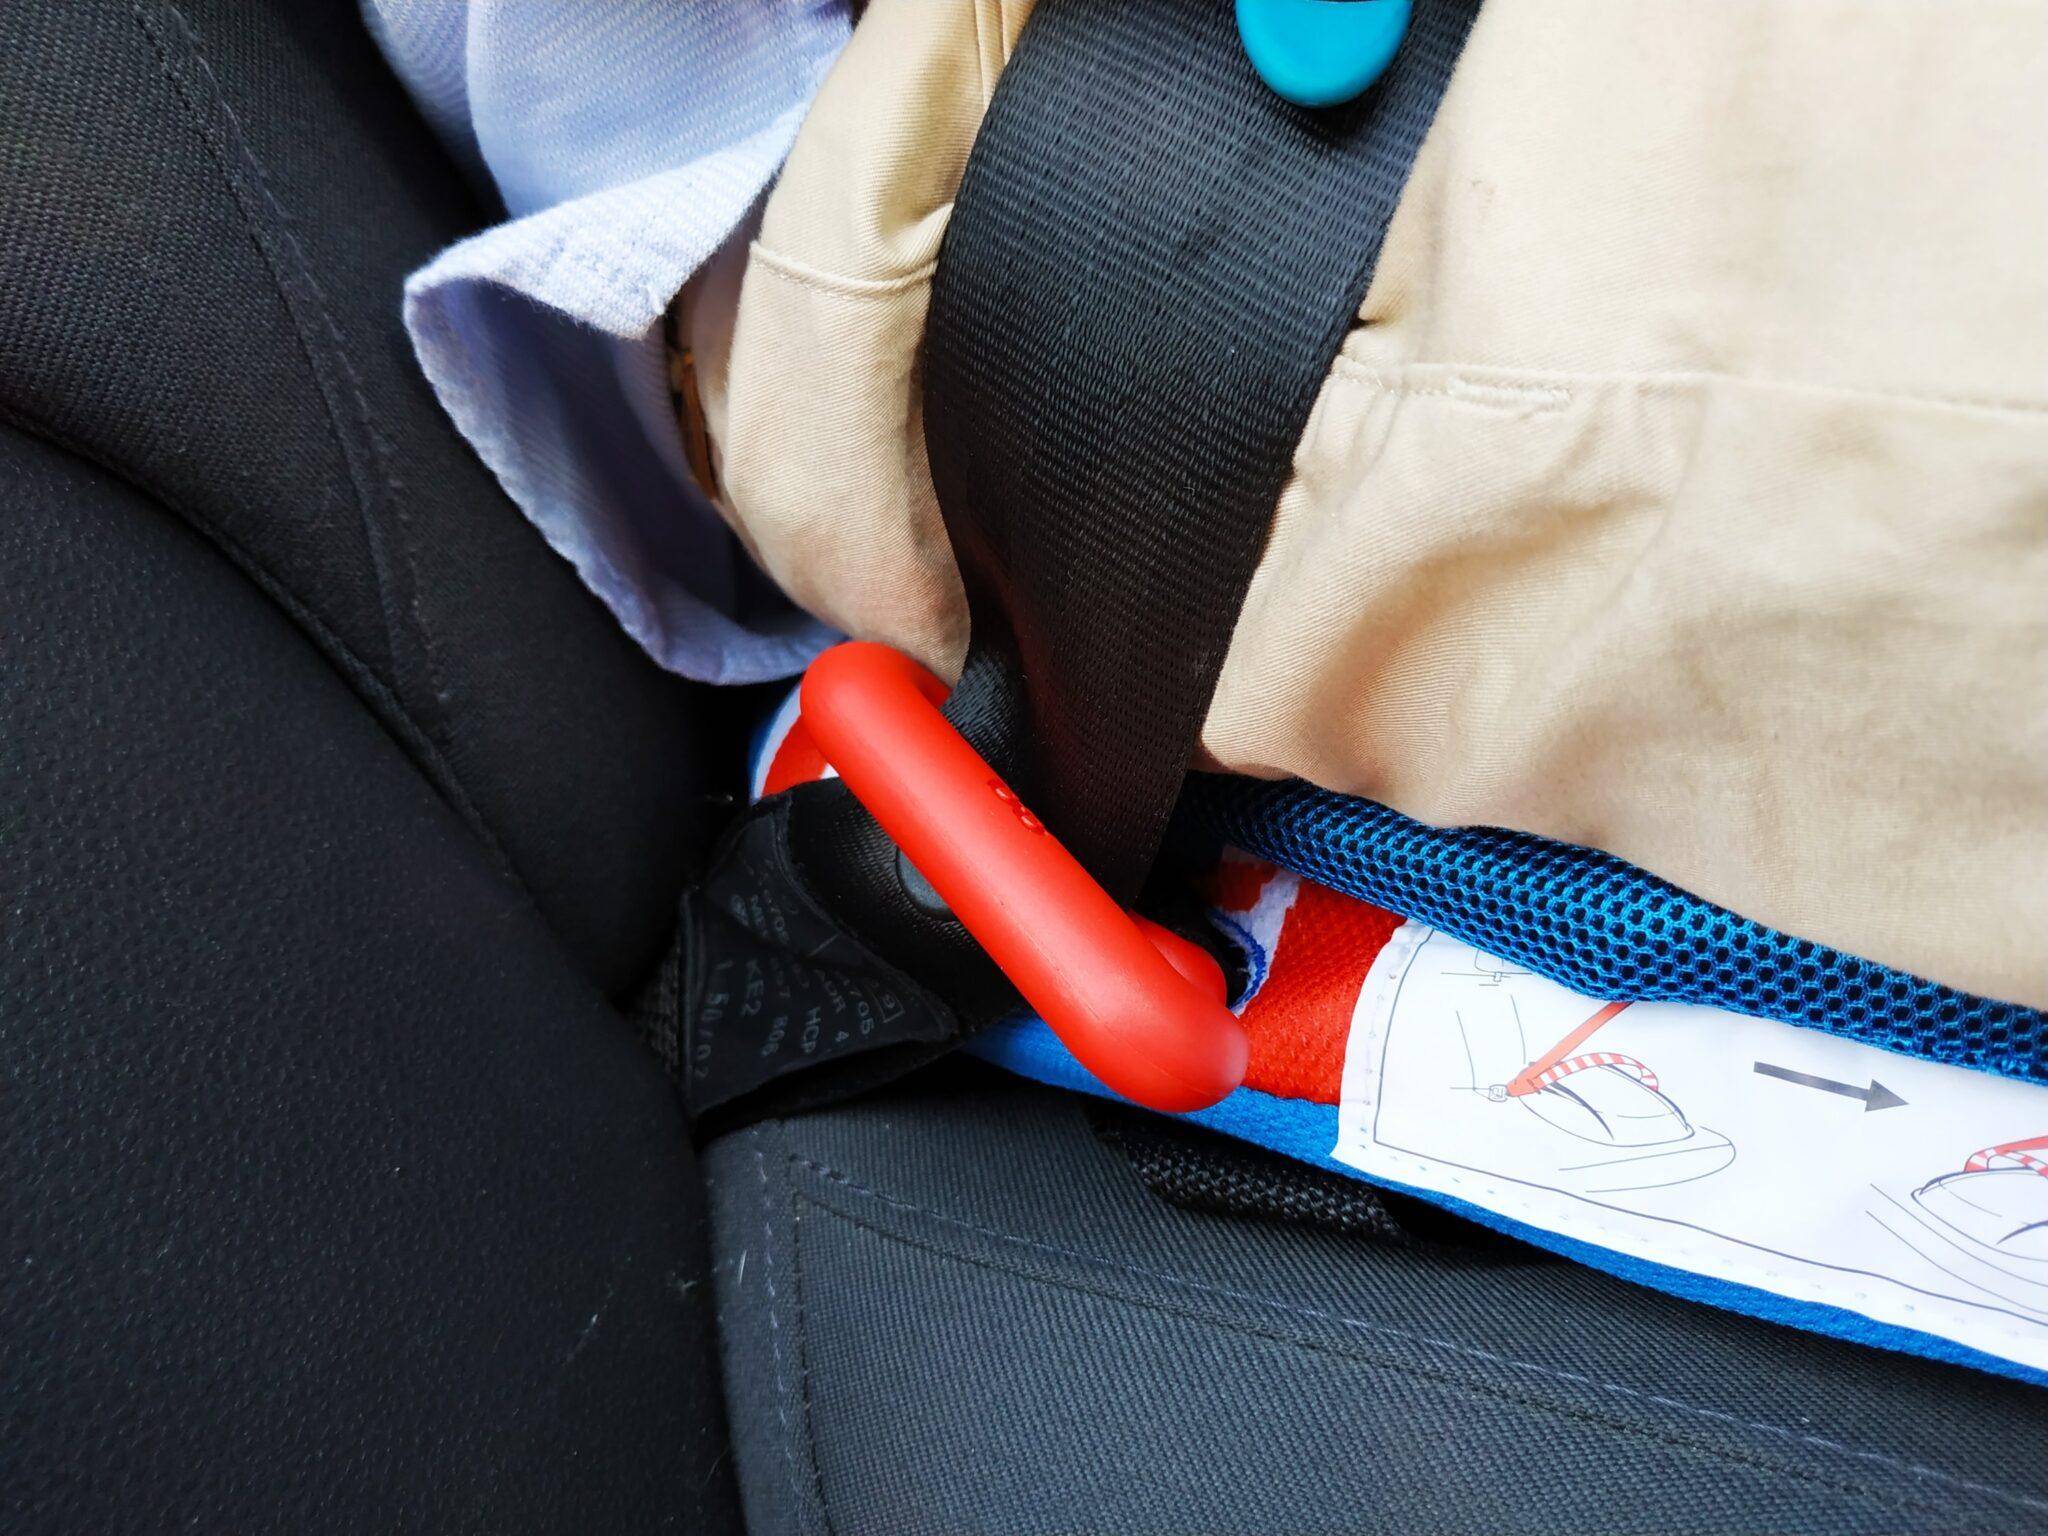 img 20190602 2013291205335223430735965 - Conoce el alzador de coche compacto Bubble Bum. Ideal para viajar!